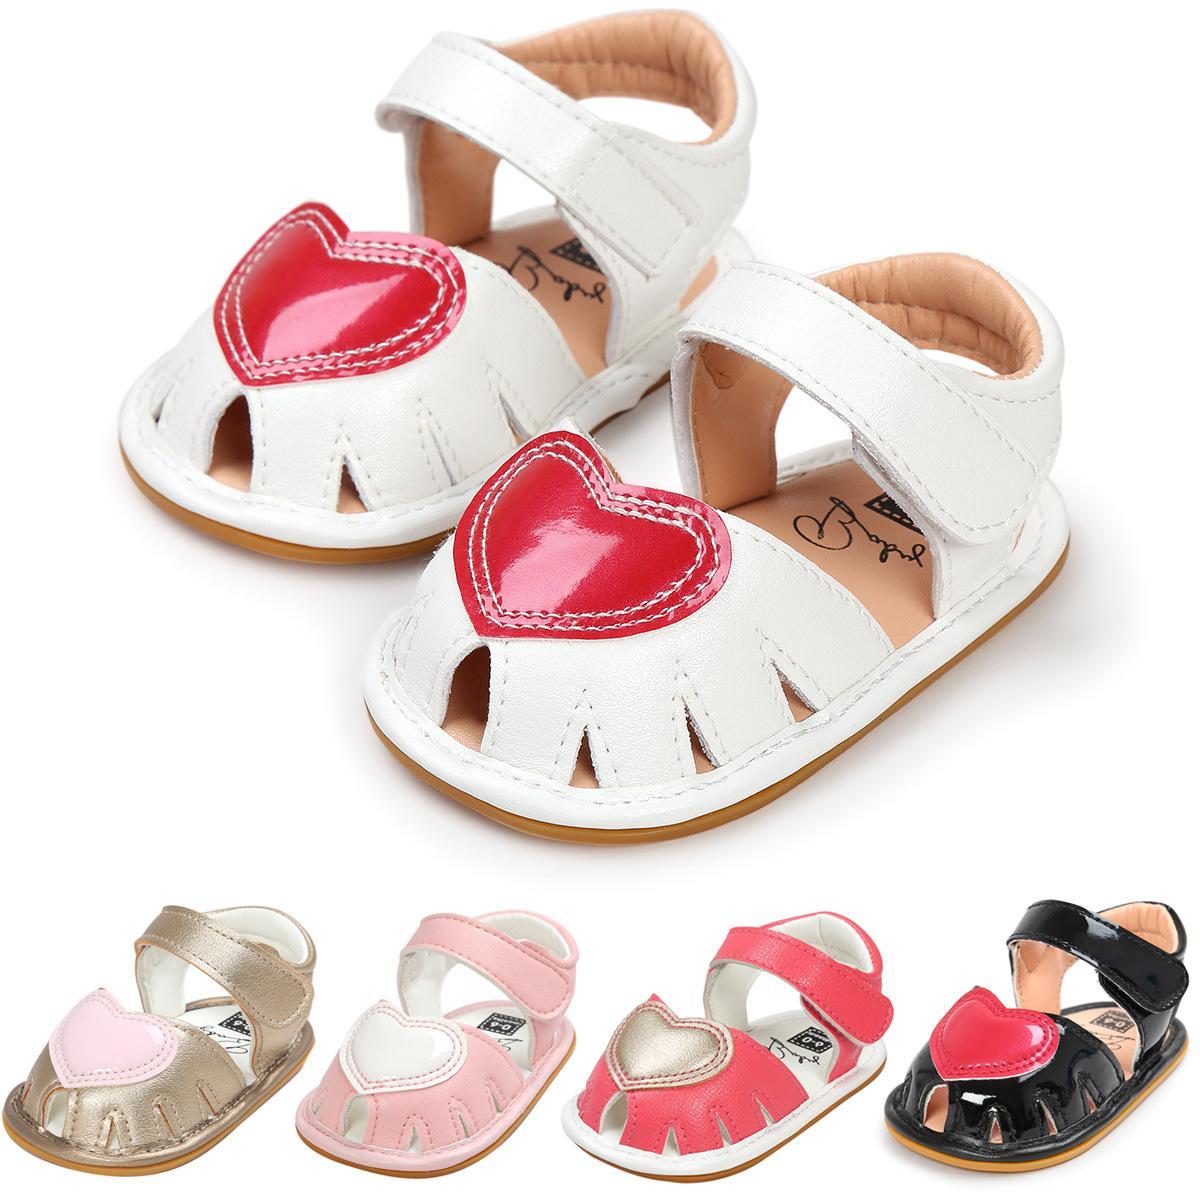 Enfant Coeur Né Nouveau En Été Chaussures Doux Plat Rouge Et Âge Printemps Bas Infantile Amour Sandales Bébé T5JclFuK13